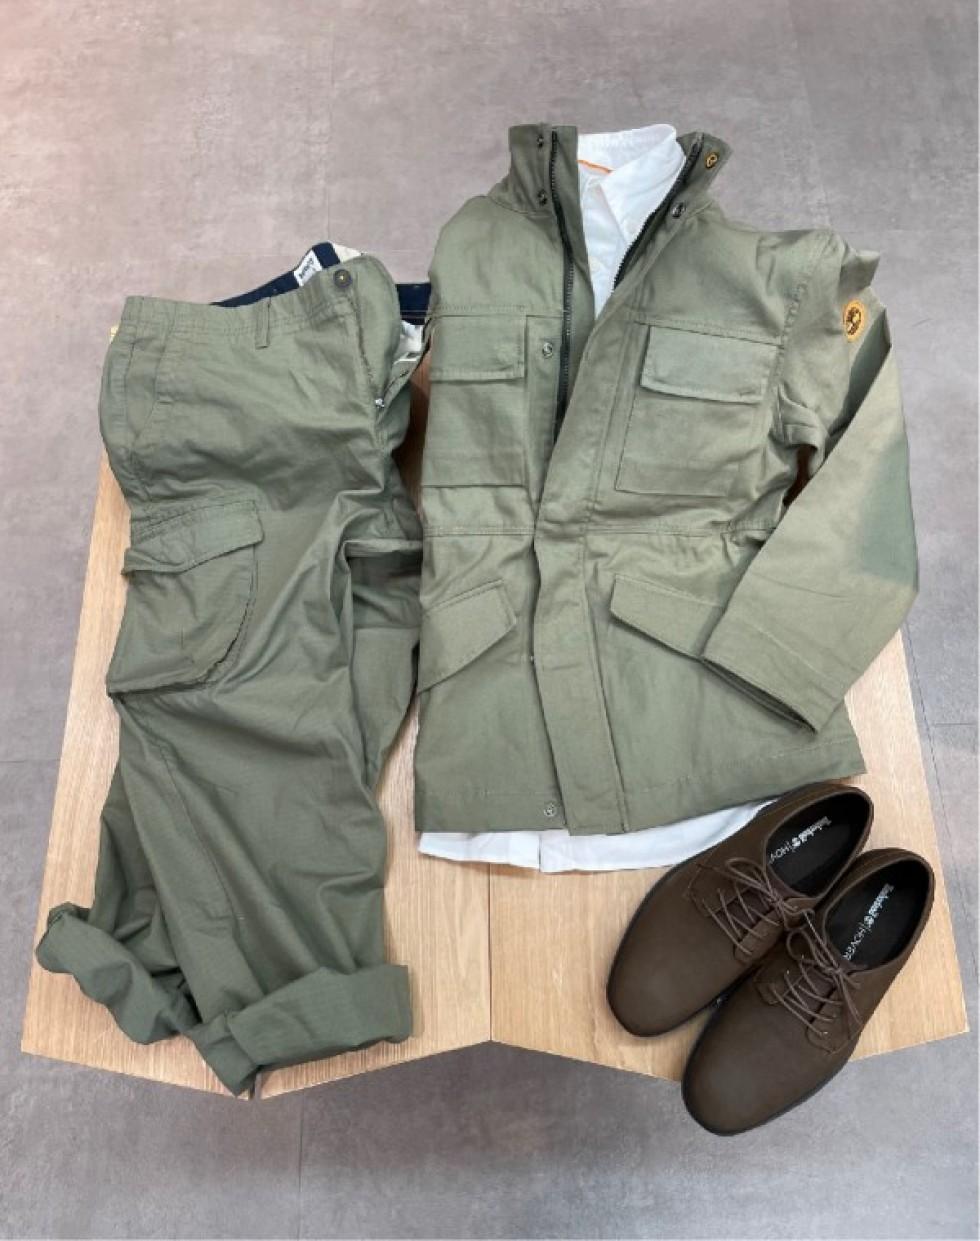 ヘリテージM65ジャケット/ヘリテージクラシックカーゴパンツ/ソーヤーレーンウォータープルーフオックスフォードシューズ